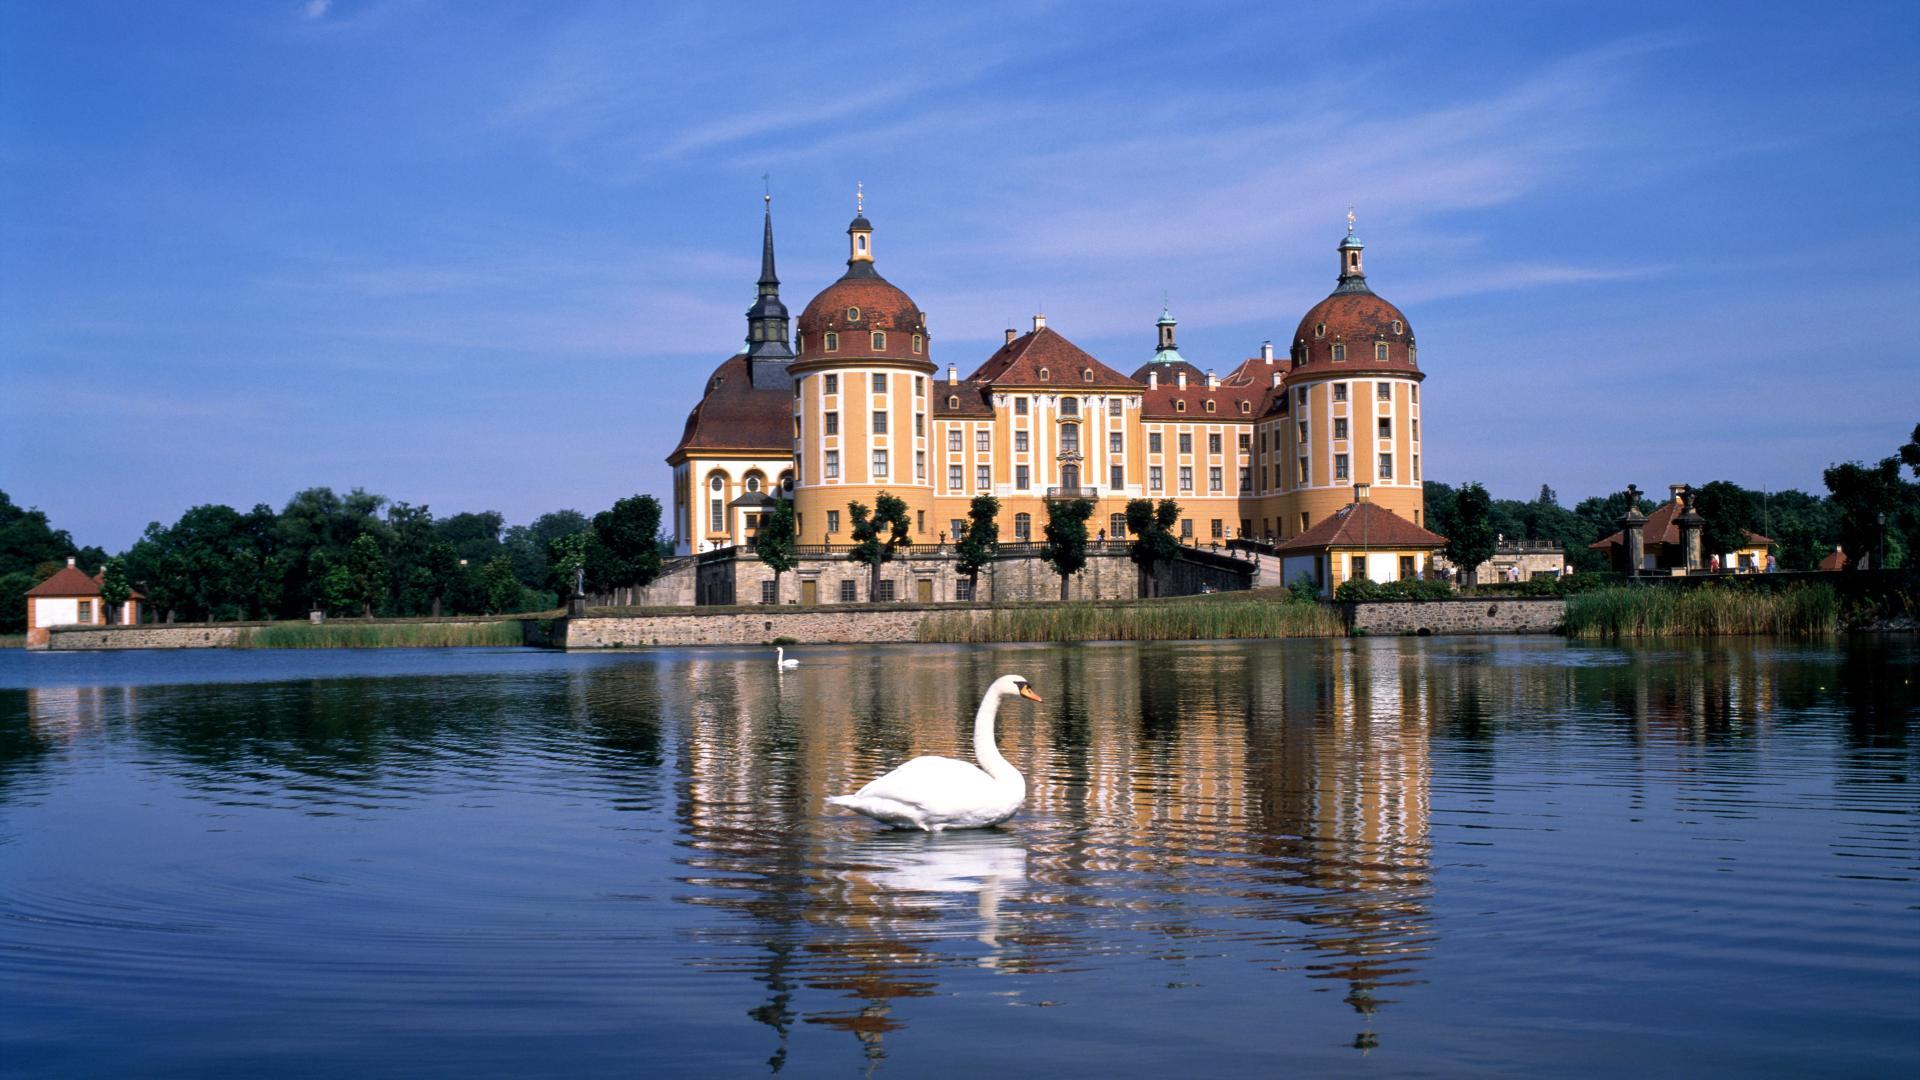 Chateau de moritzburg pr s de dresden allemagne 10 000 for Disegni di casa chateau francese